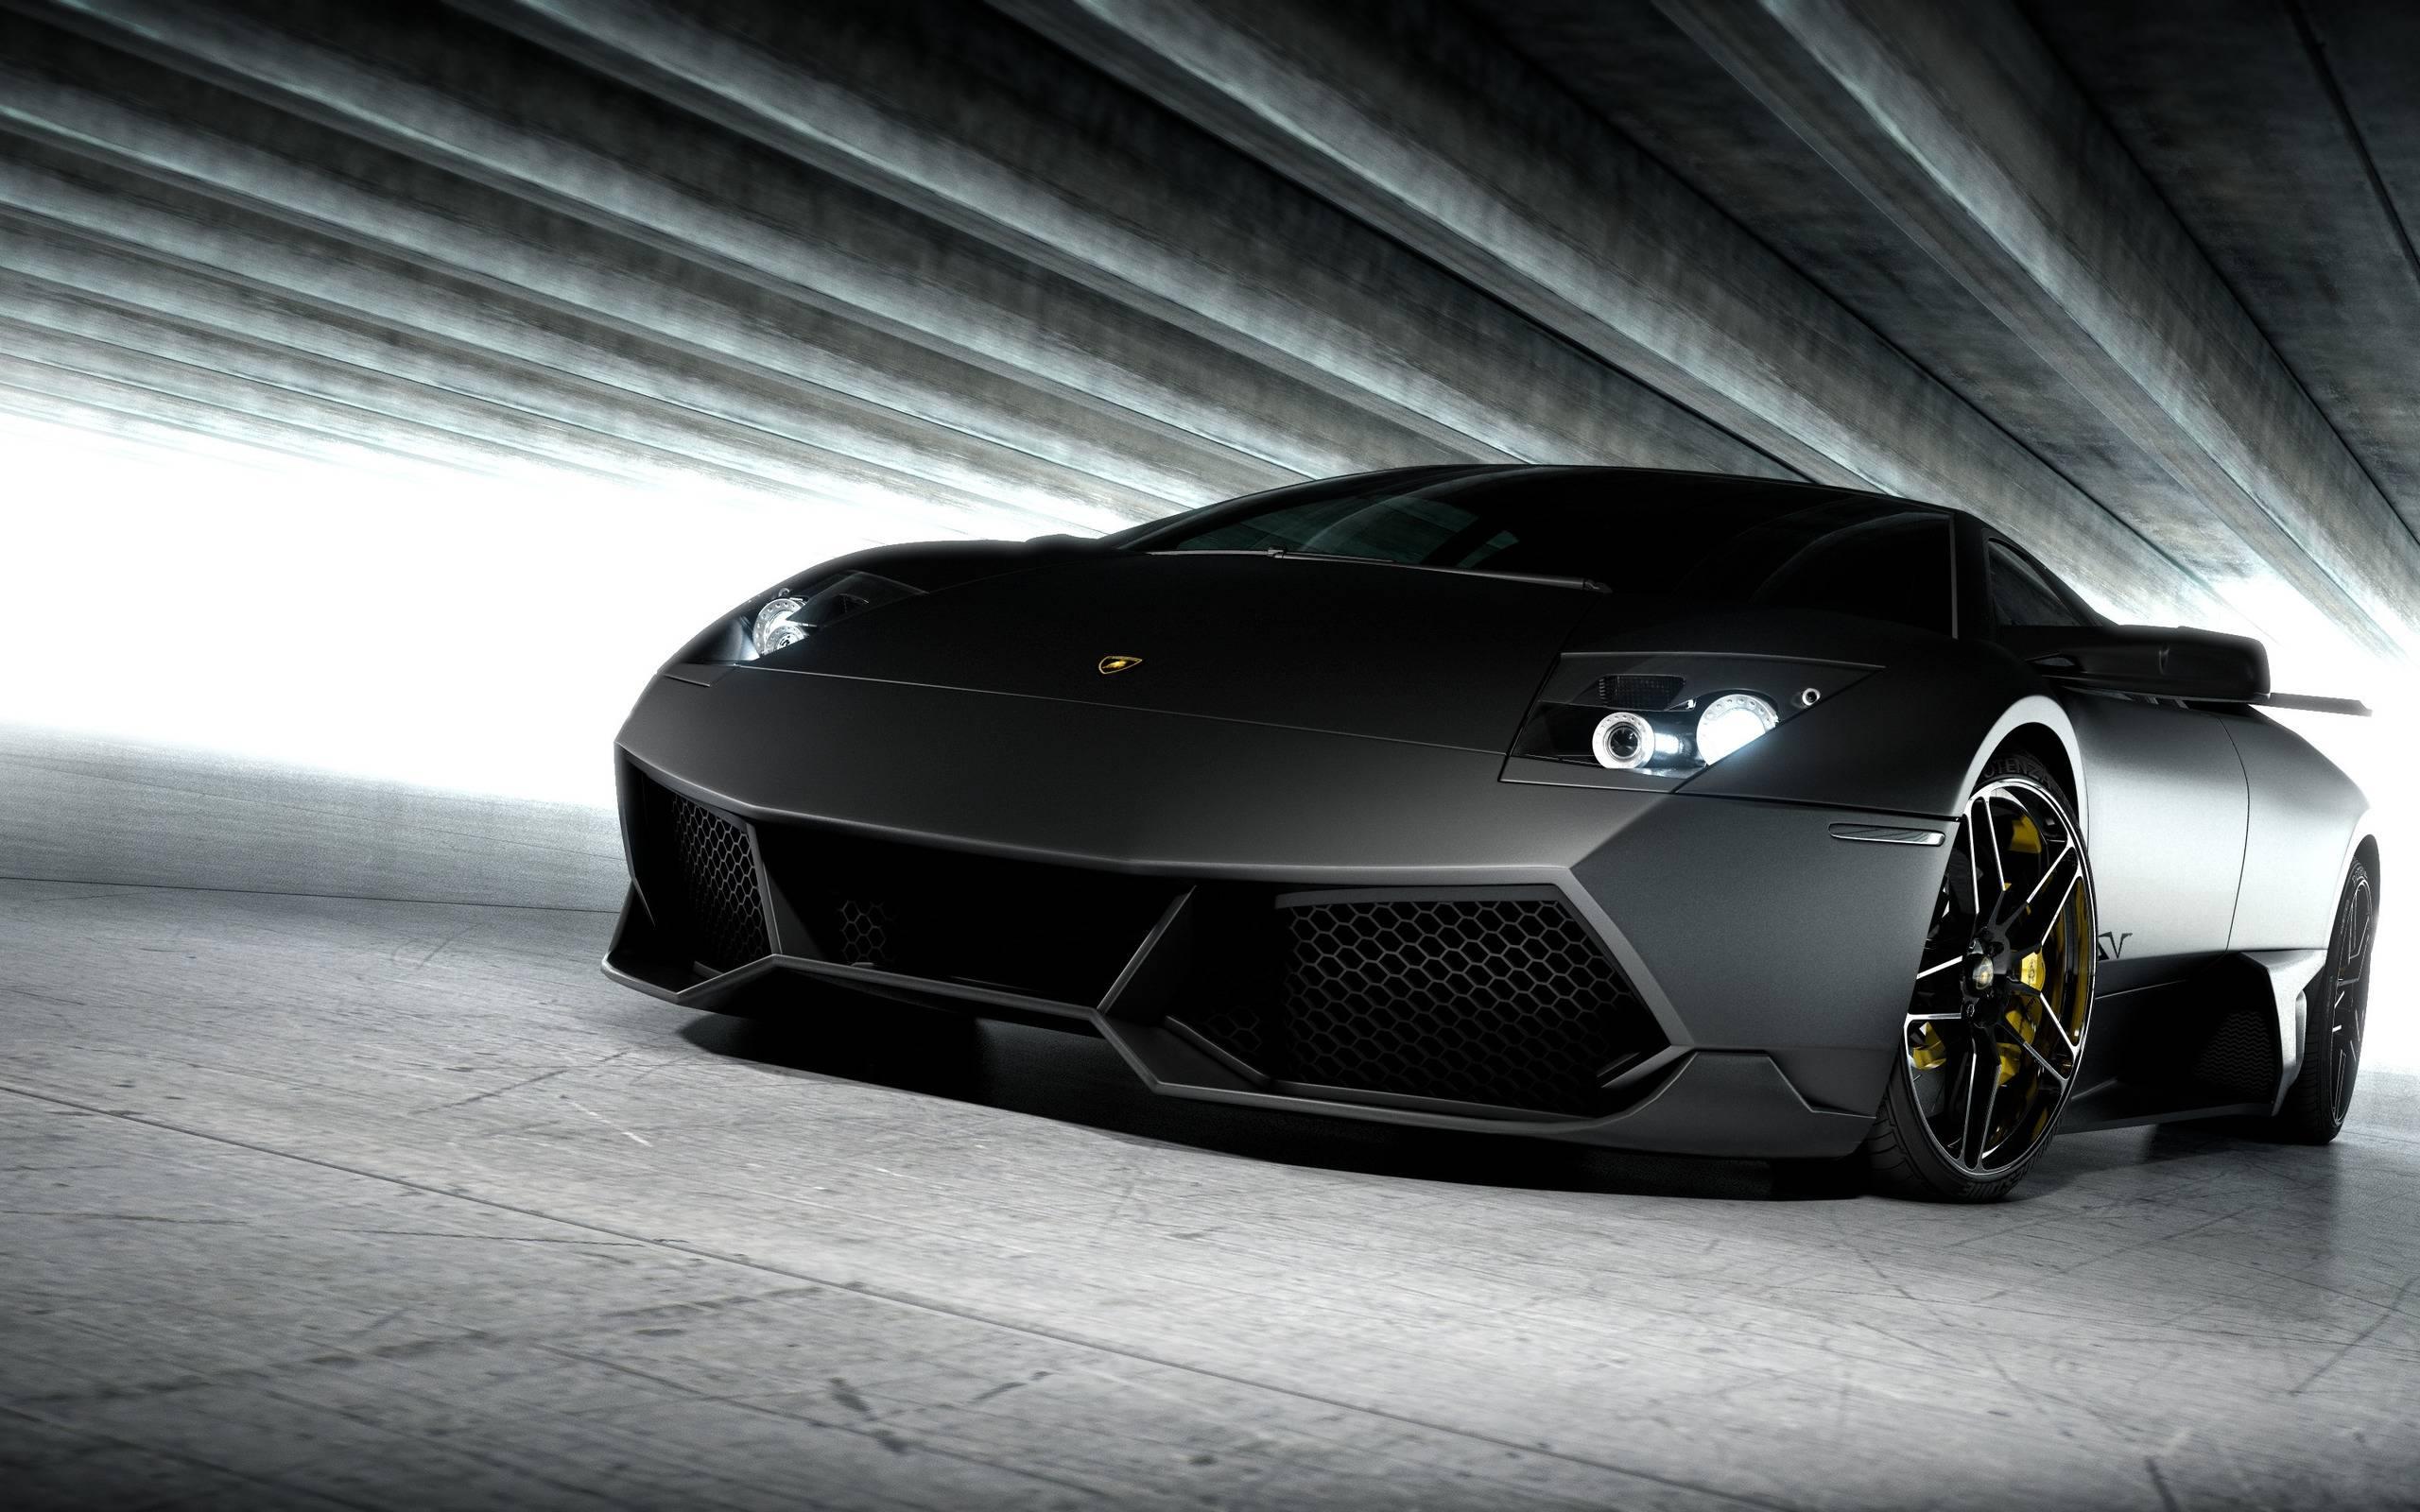 Lamborghini Fast Car Wallpaper